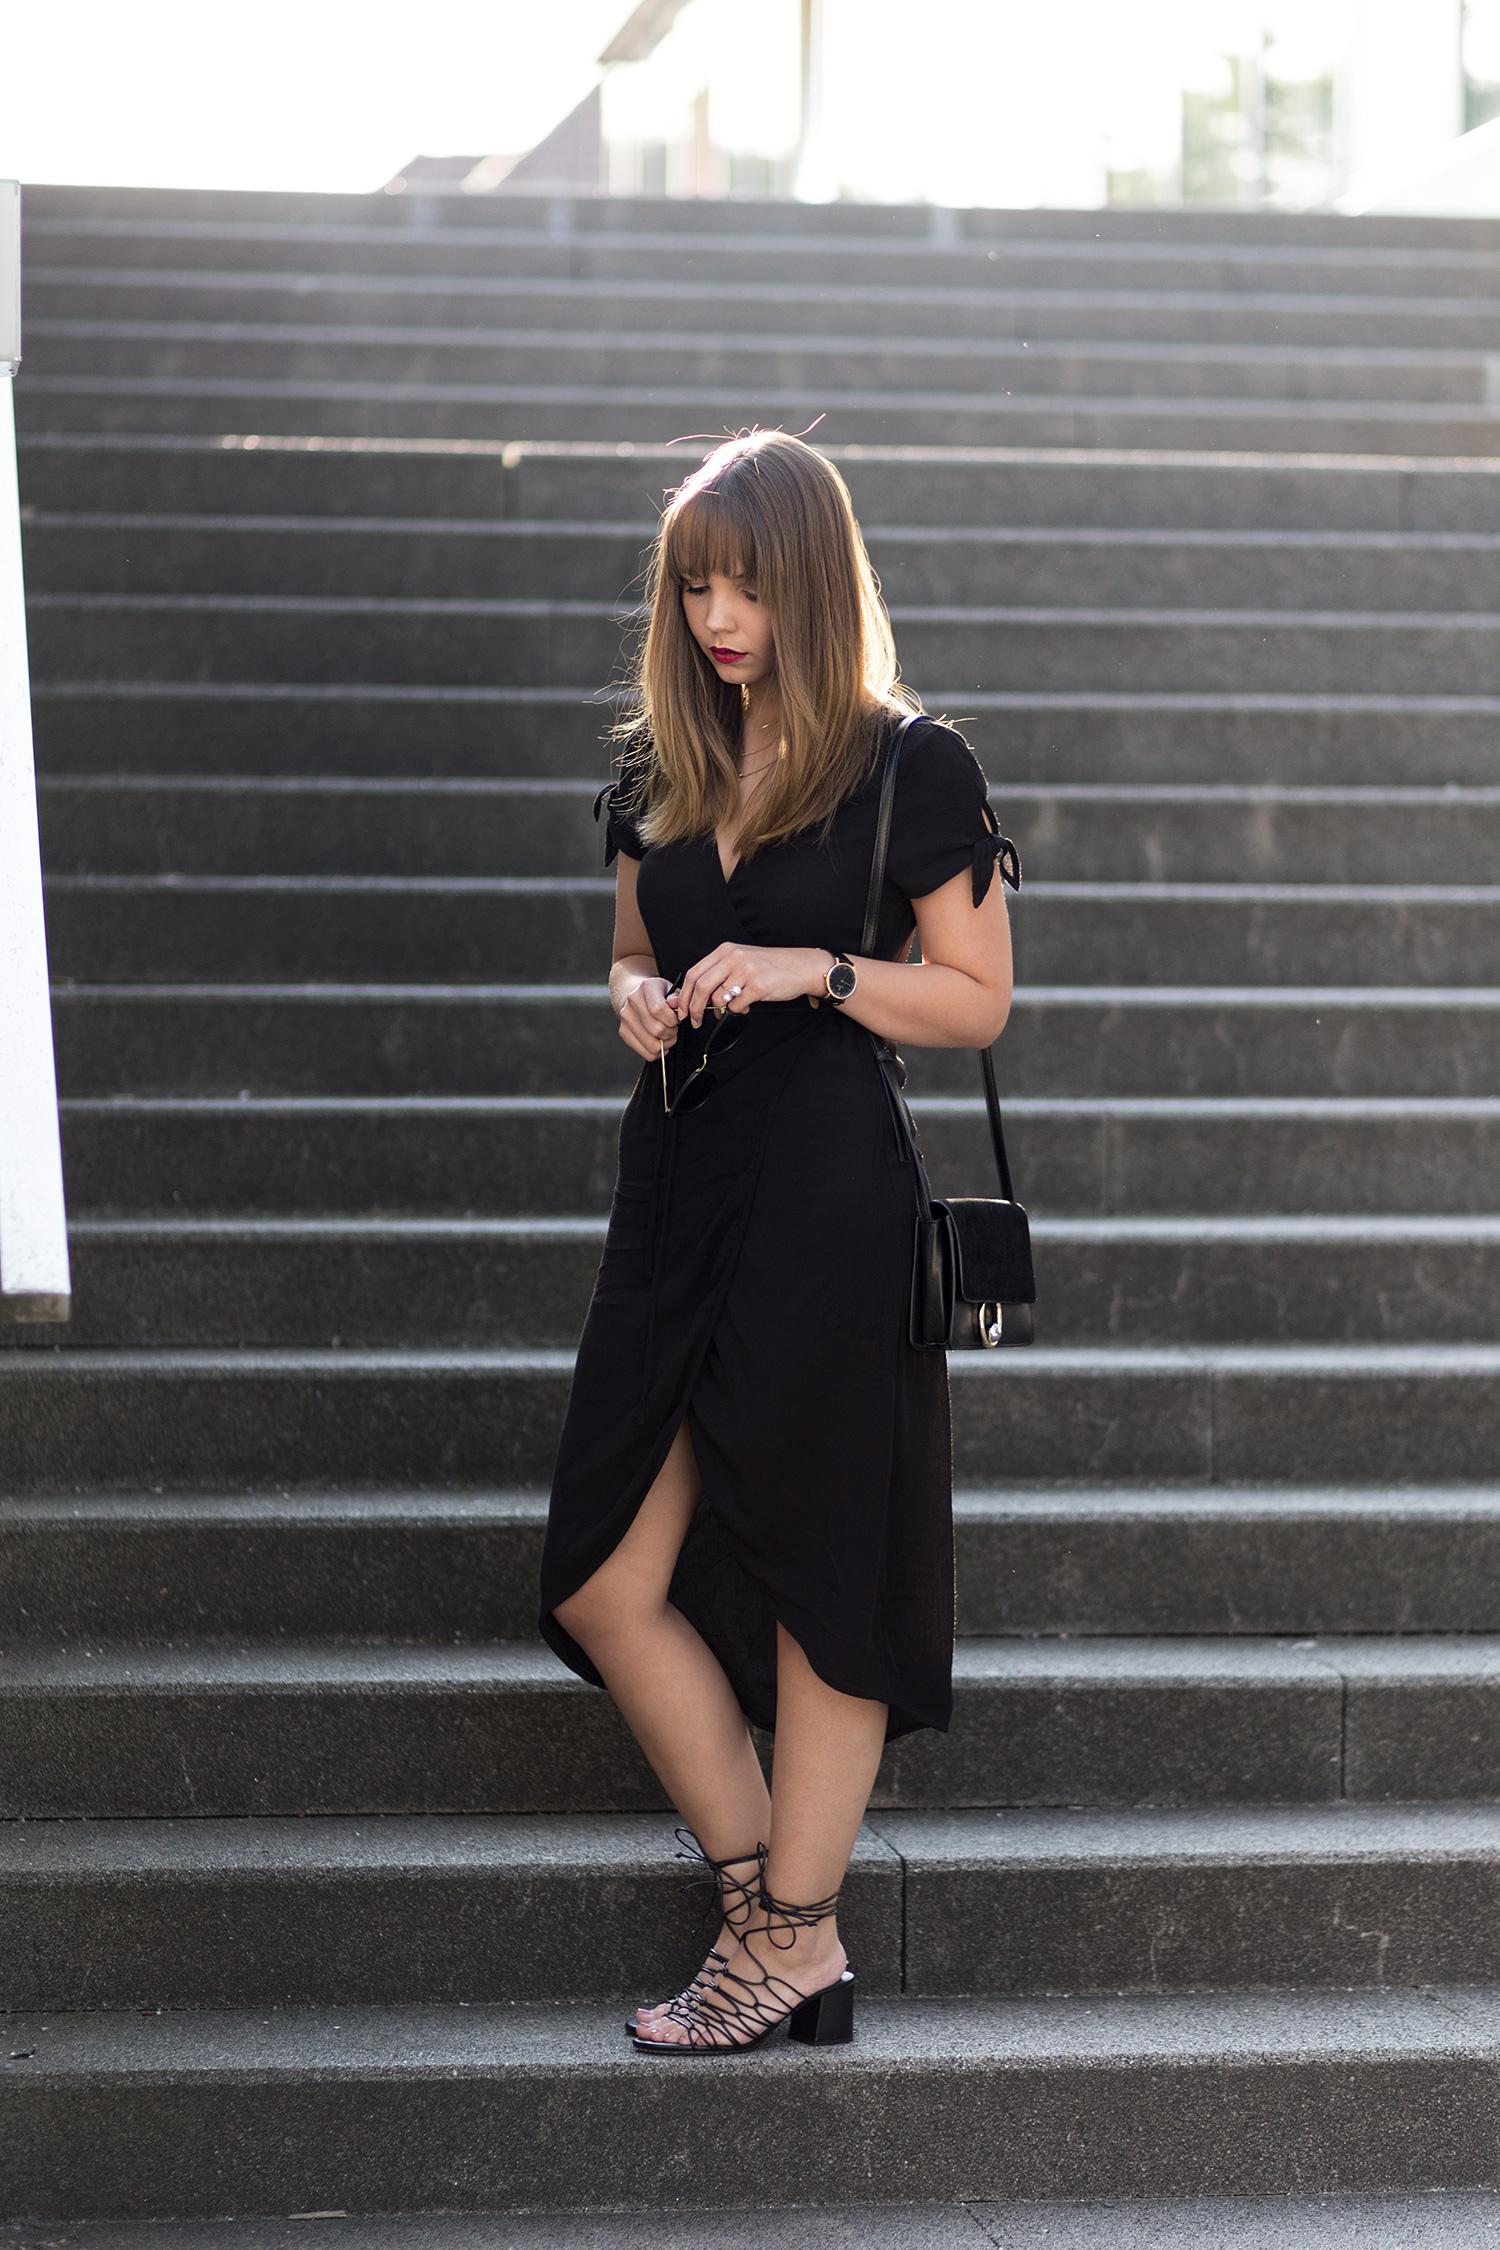 All Black Sommeroutfit in schwarz, schwarzes Wickelkleid, bezauberndenana.de